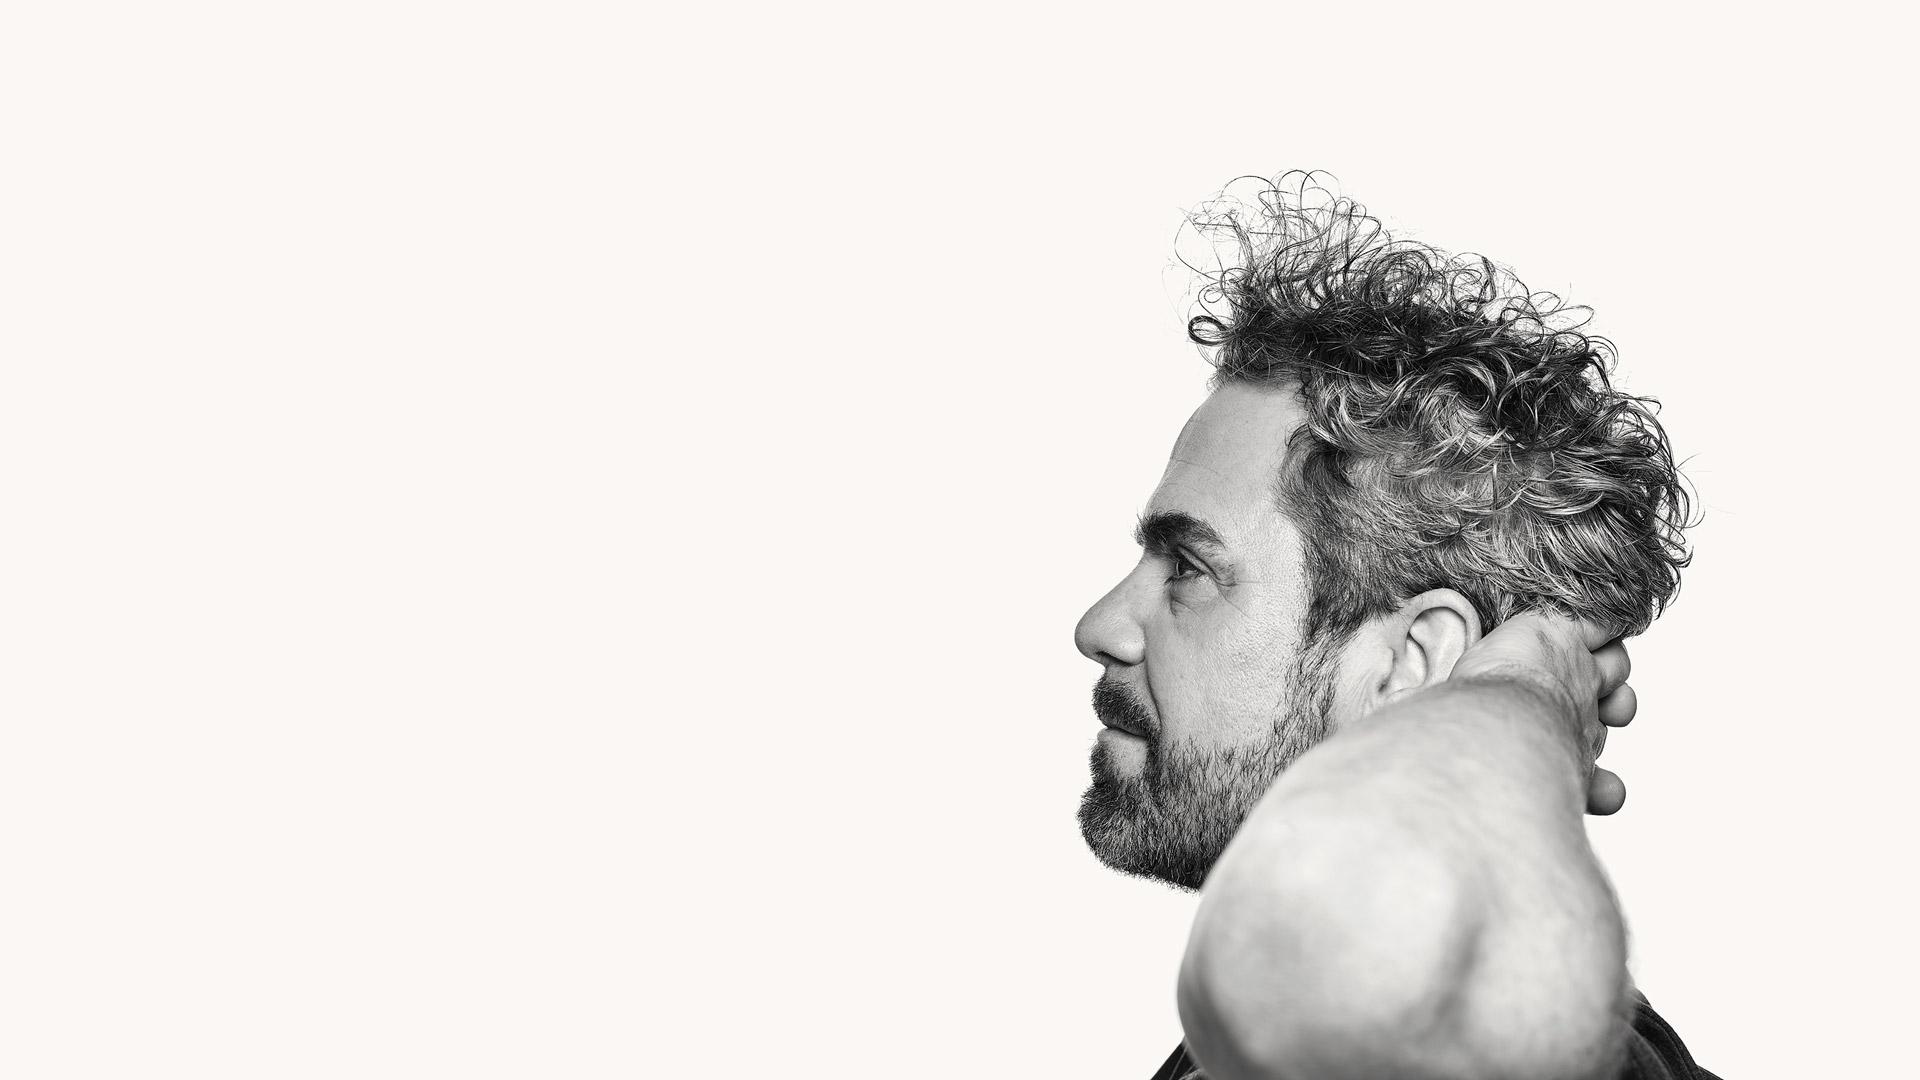 Mann mit Haarausfall nach Haartransplantation zufrieden